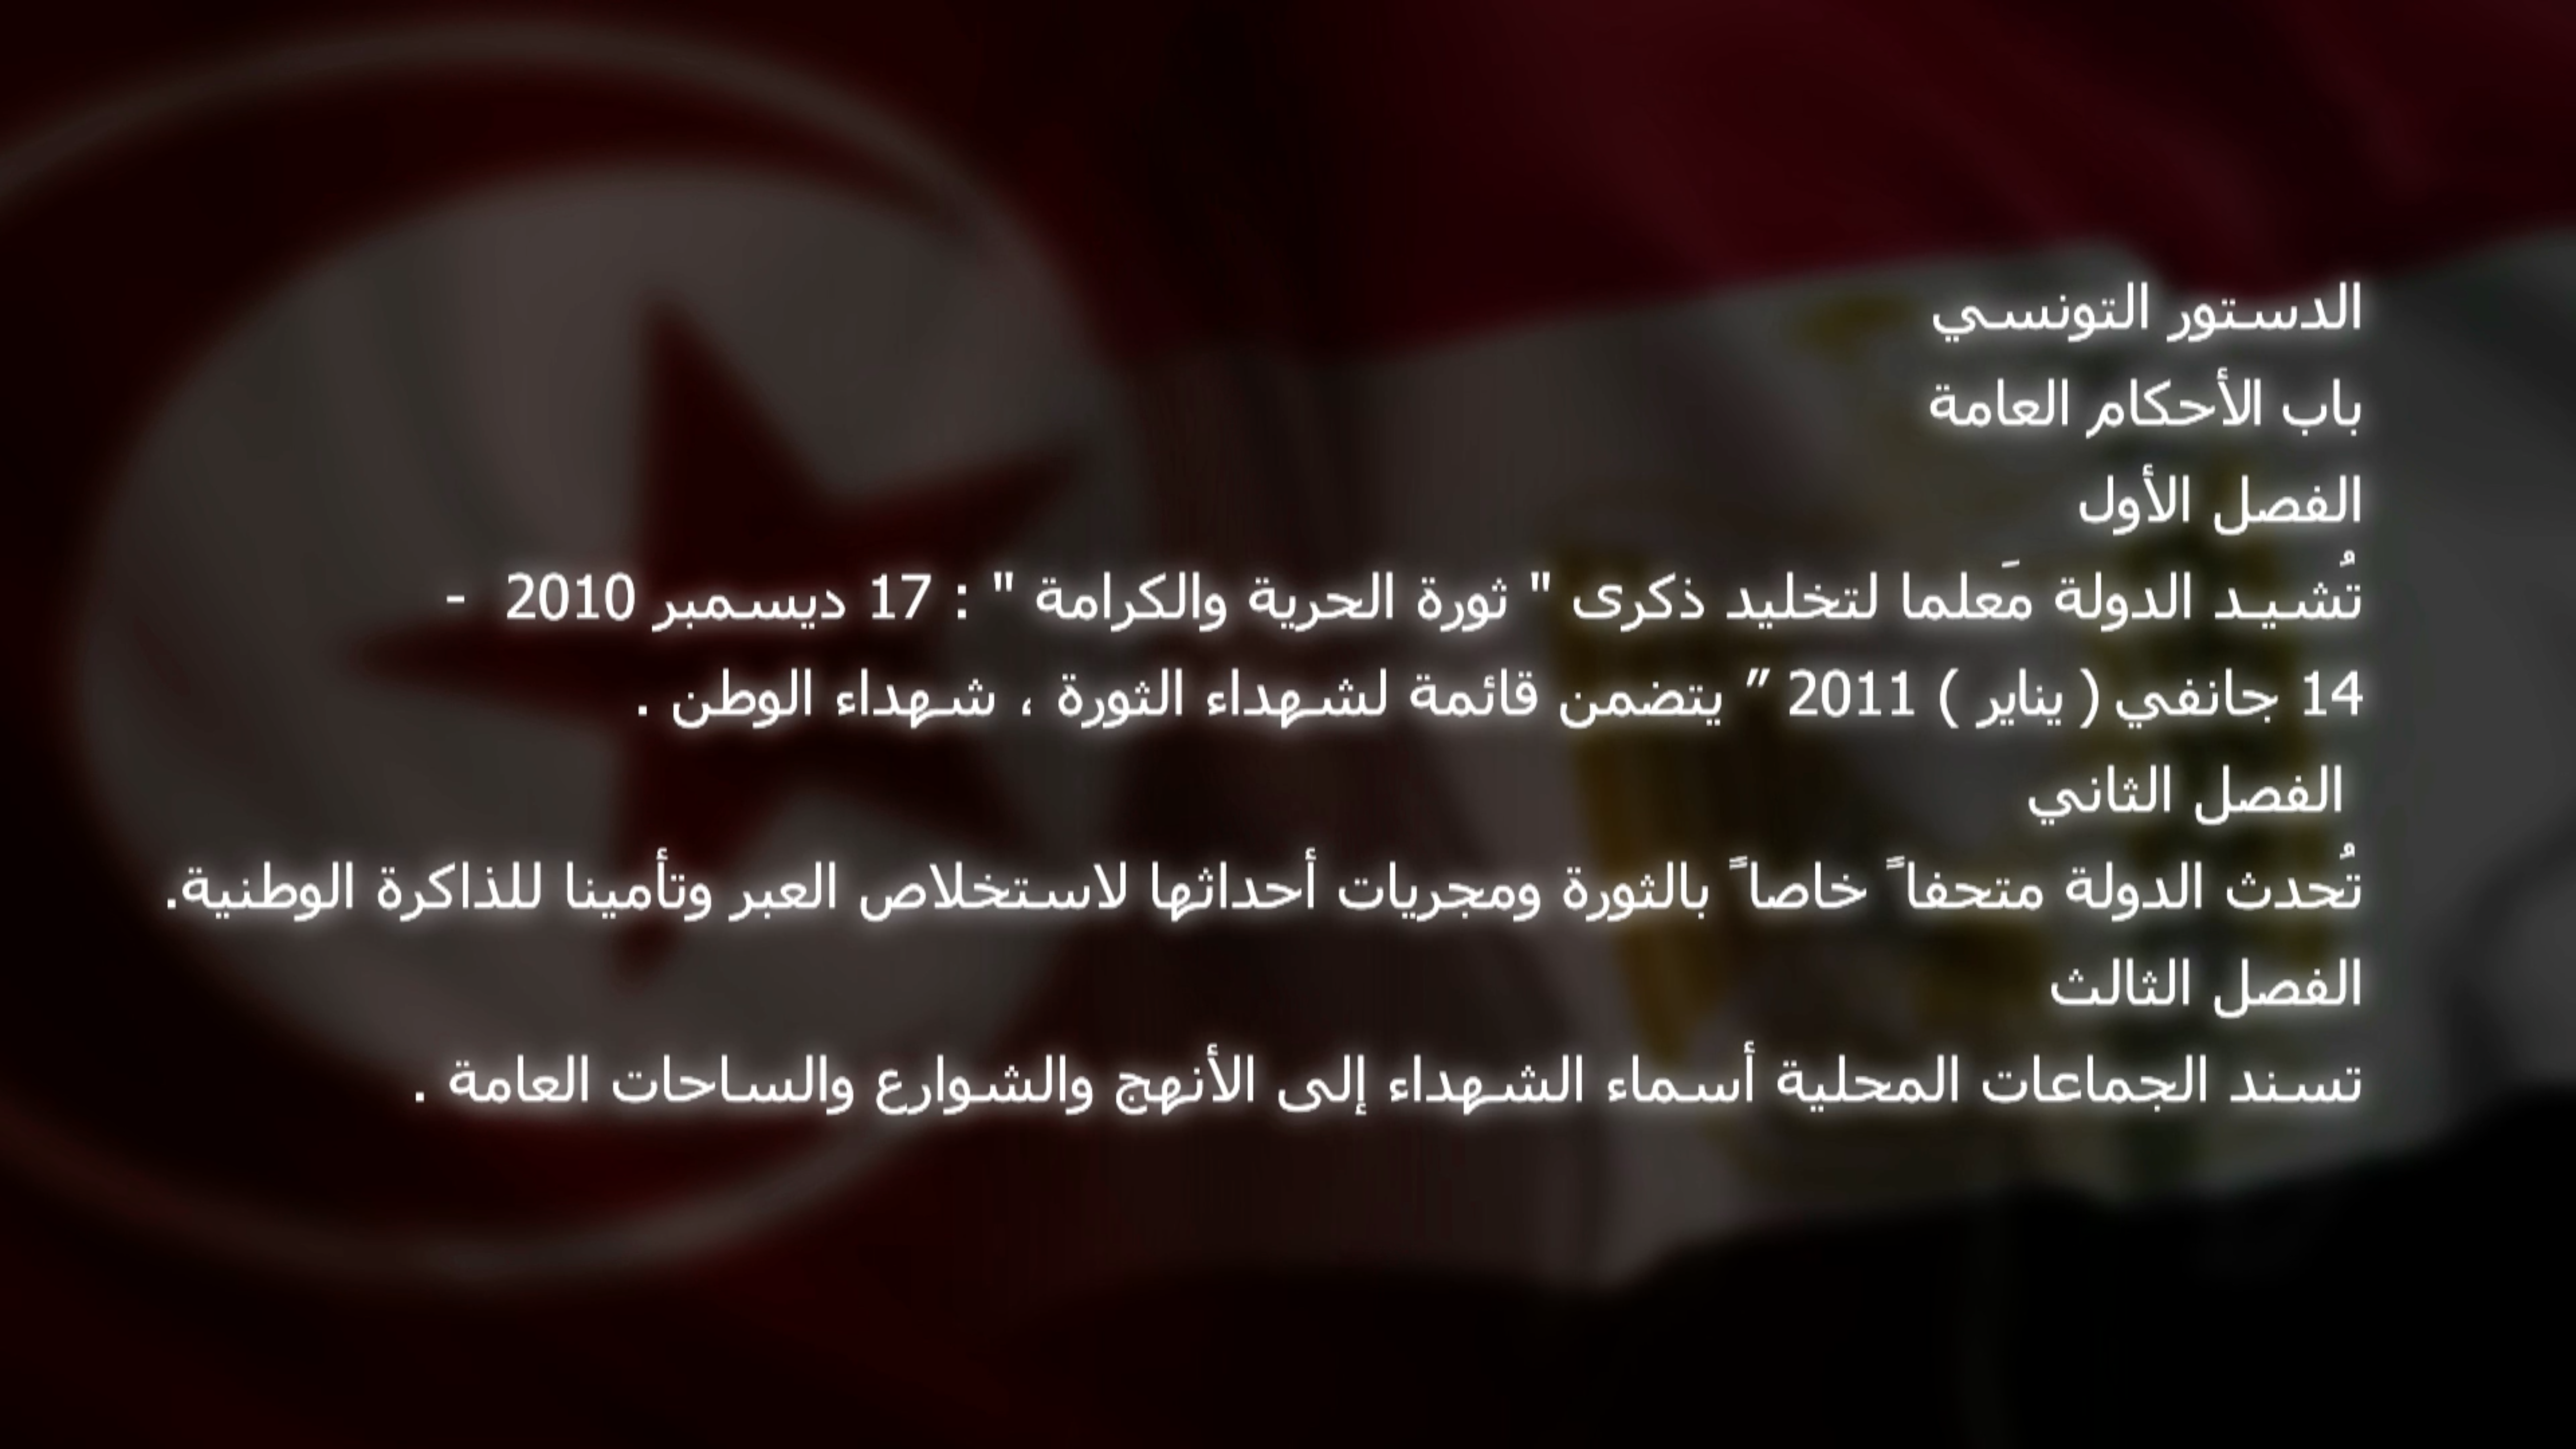 Tunisia_constitute